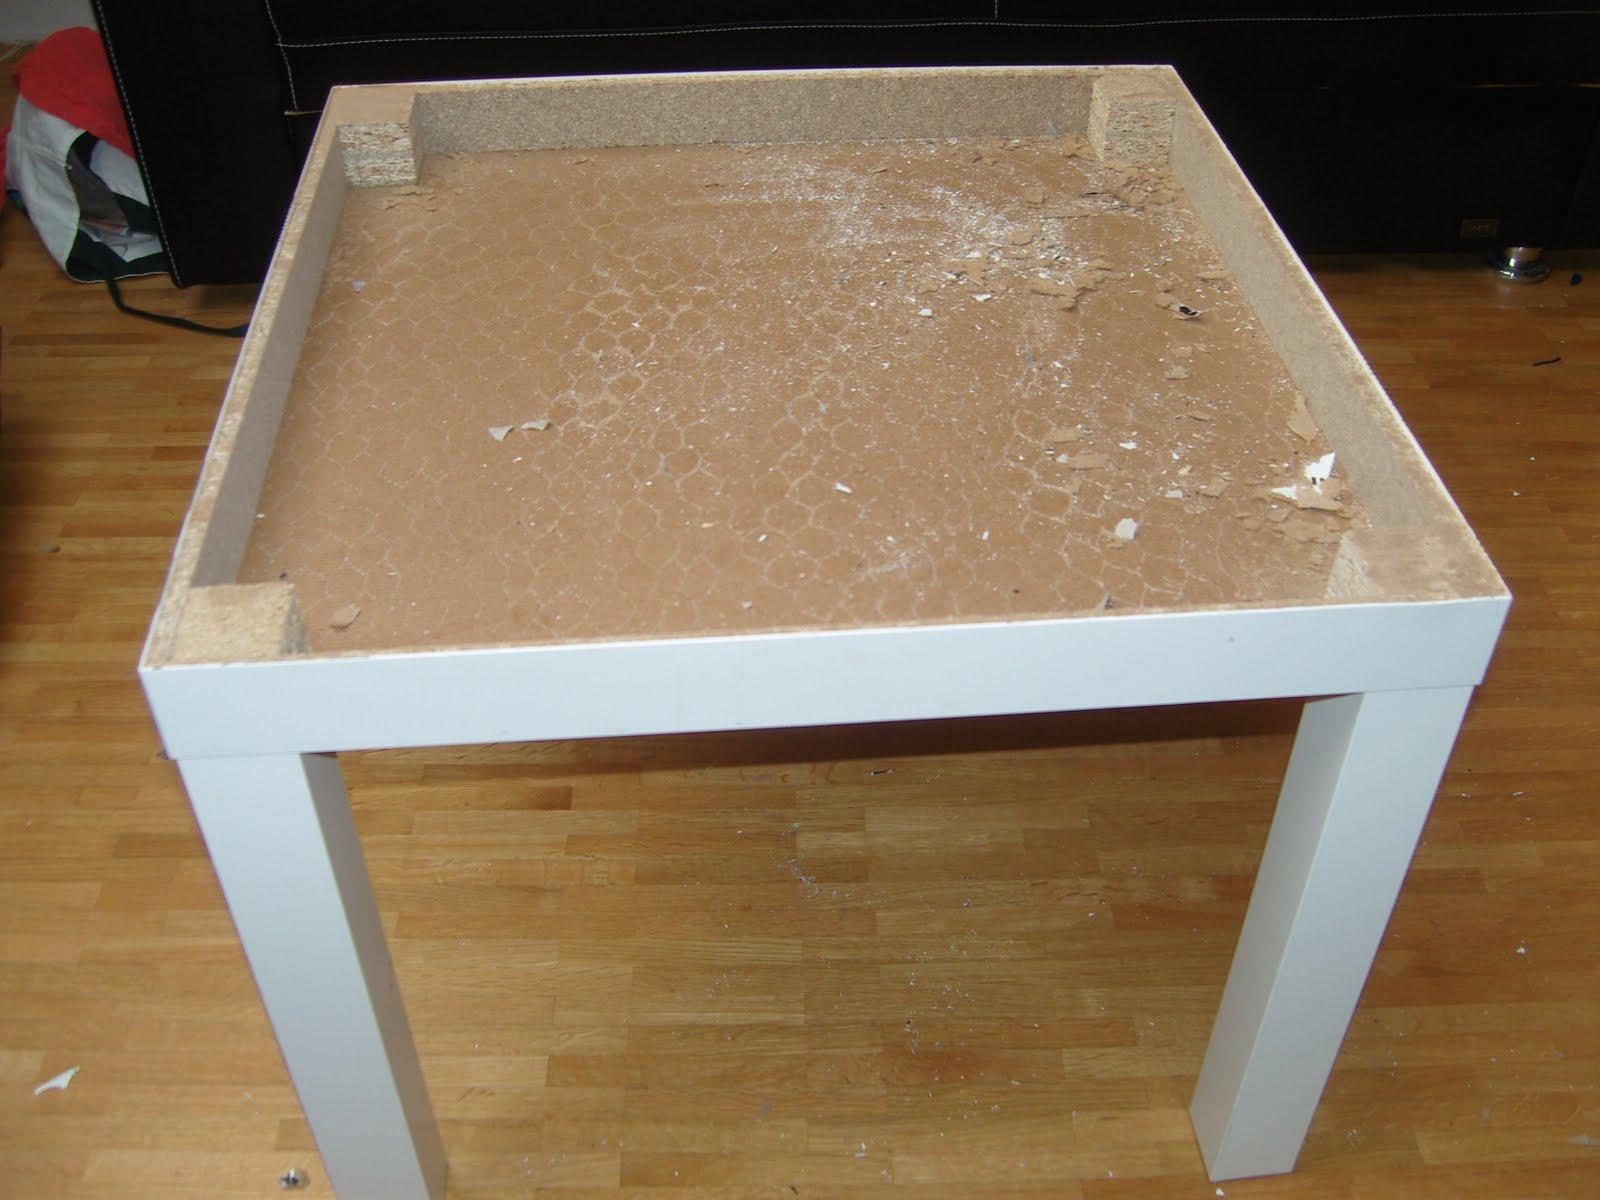 dev random krams und zeugs ein loch im tisch 2. Black Bedroom Furniture Sets. Home Design Ideas